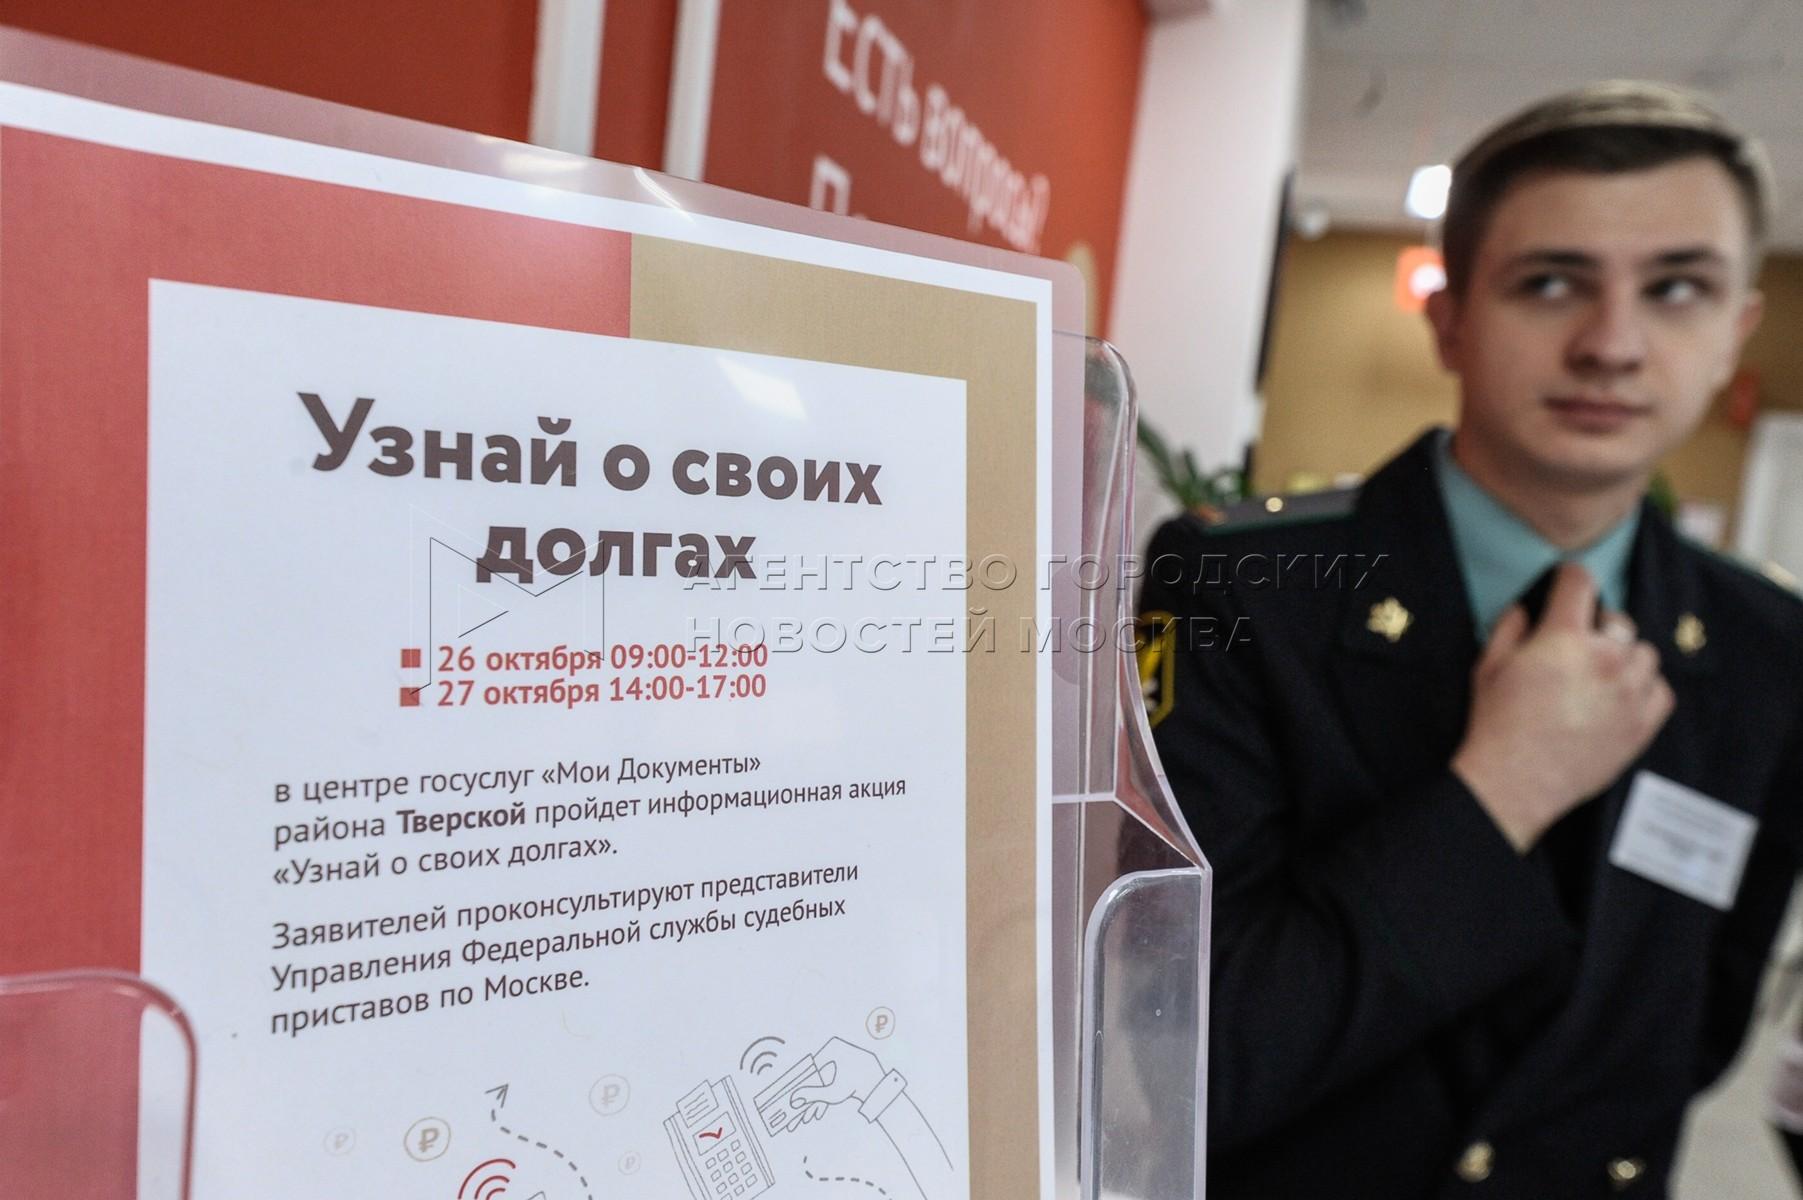 Акция судебных приставов «Узнай о своих долгах» в центре госуслуг «Мои документы».